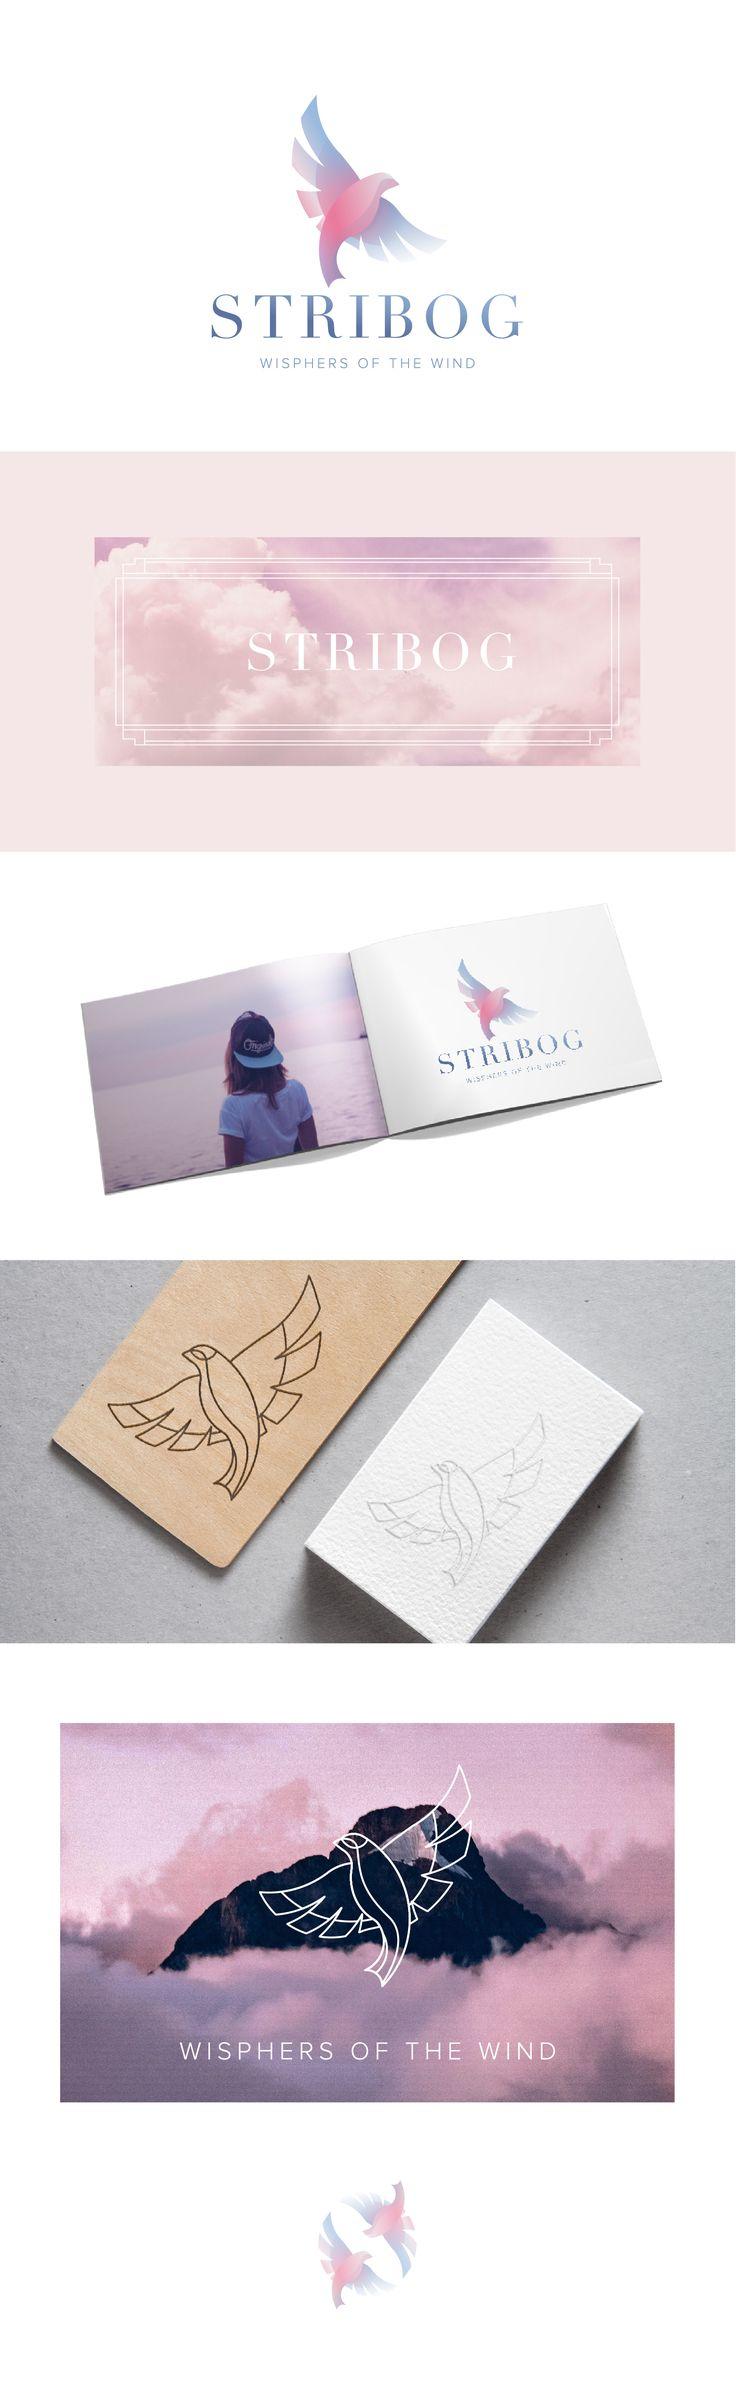 Stribog - logo design #graphicedesign #logo #stribog #bird #gradient #whispersofthewind